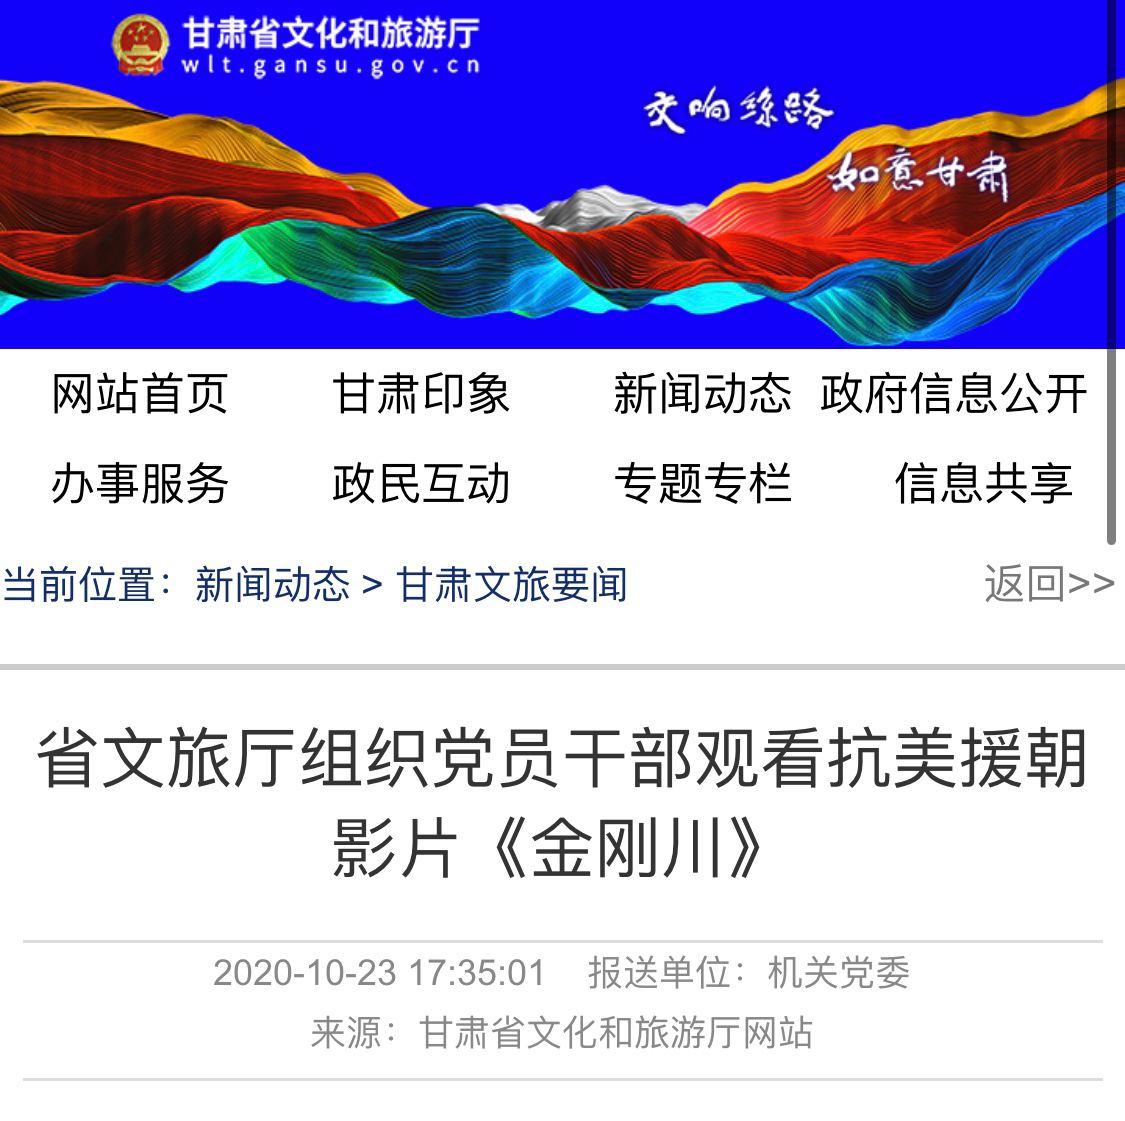 中国一政府机关单位组织人员观看《金刚川》的信息(来源:网络截图)。